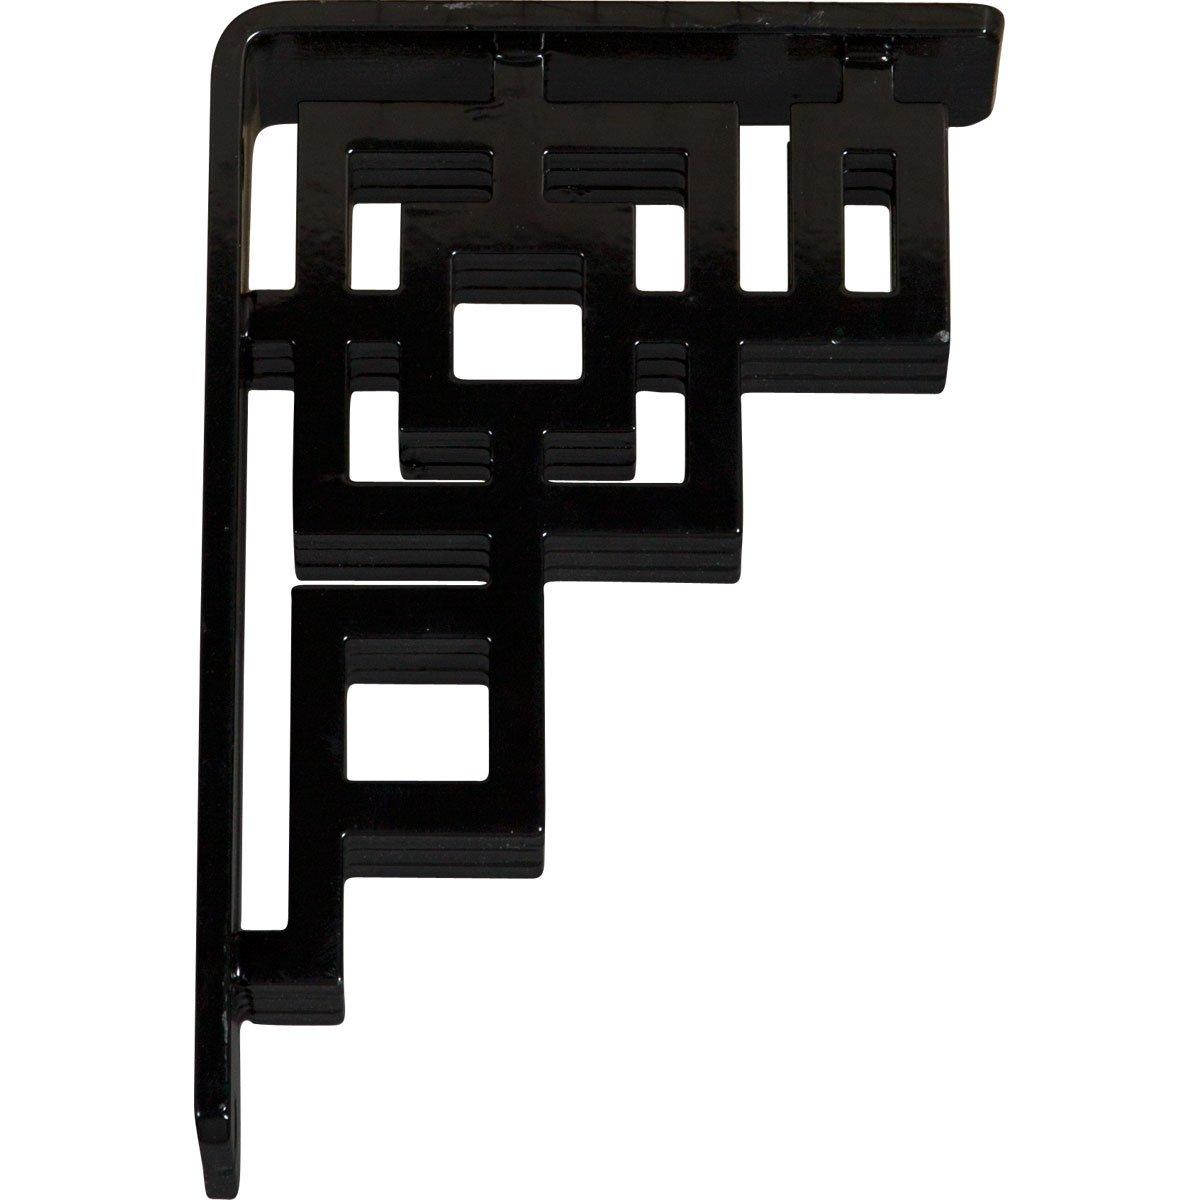 2-Pack Ekena Millwork BKTM02X07X10TER-CASE-2 2W x 7 1//2D x 10H Eris Wrought Iron Bracket, Powder Coated Black Triple Center Brace 2 Piece , x x